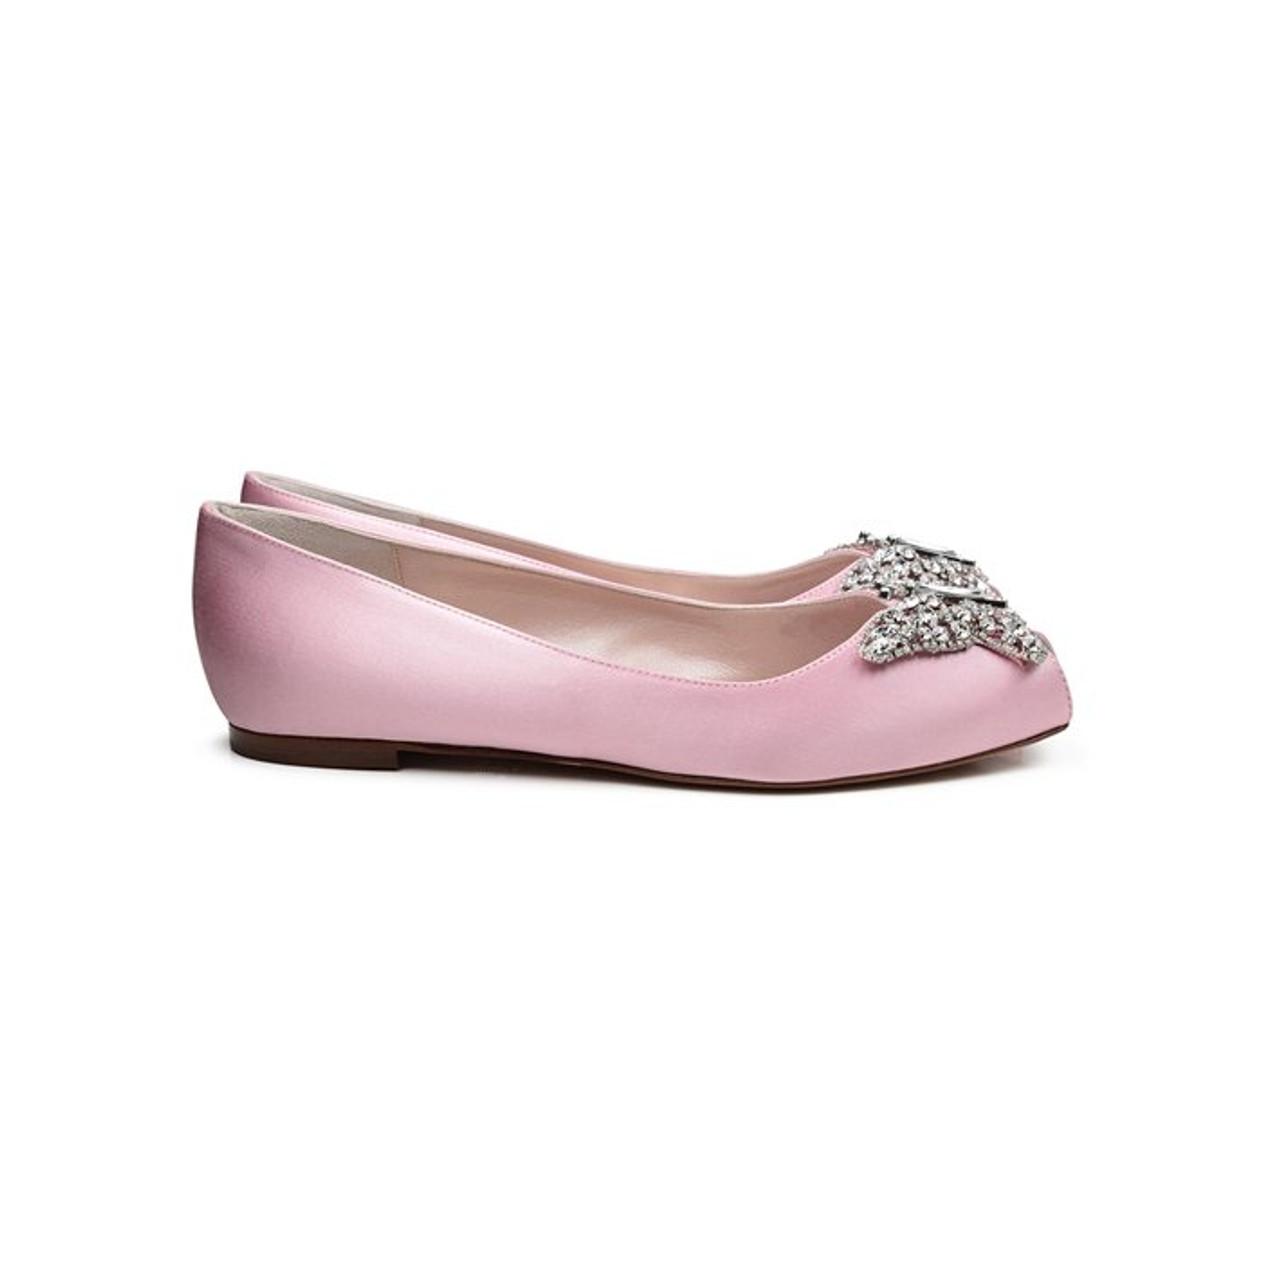 Liana Baby Pink Satin